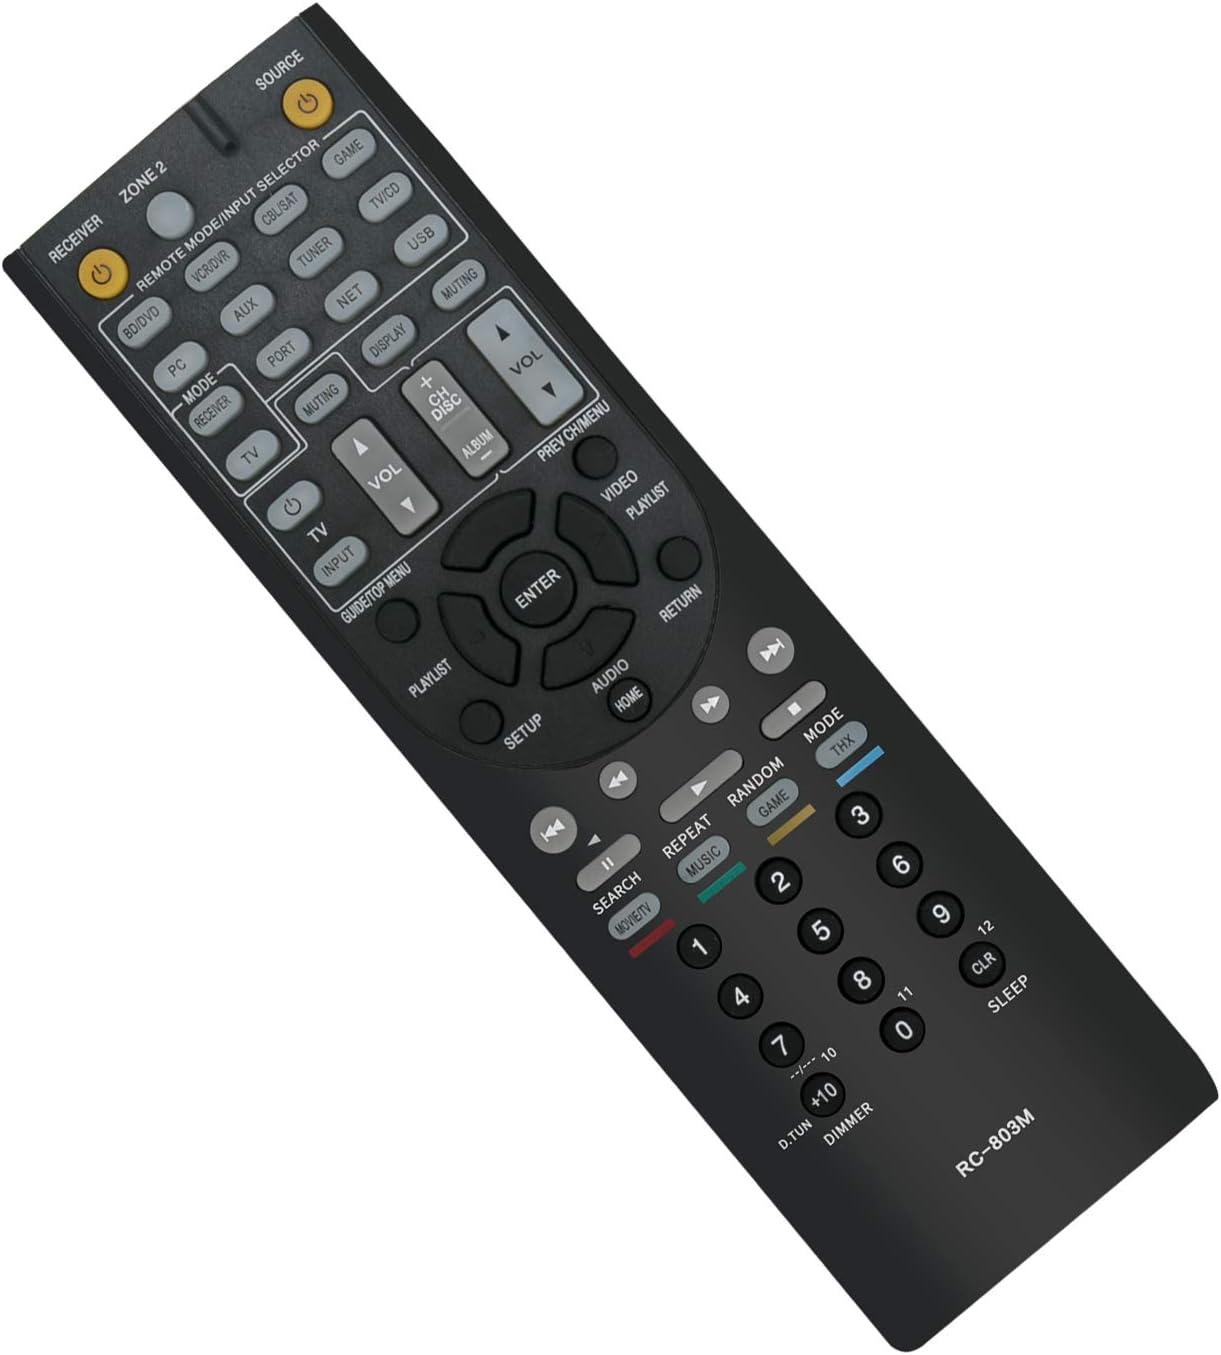 VINABTY RC-803M Mando a distancia de repuesto por ONKYO AV Receiver HT-S7409 HT-S8409 TX-NR609 24140801 TX-NR609B HT-R690 HT-R990 HT-S7400 HT-S8400 HT-S9400 HT-S9400THX HT-RC360 M5000R TX-NR509 Remote